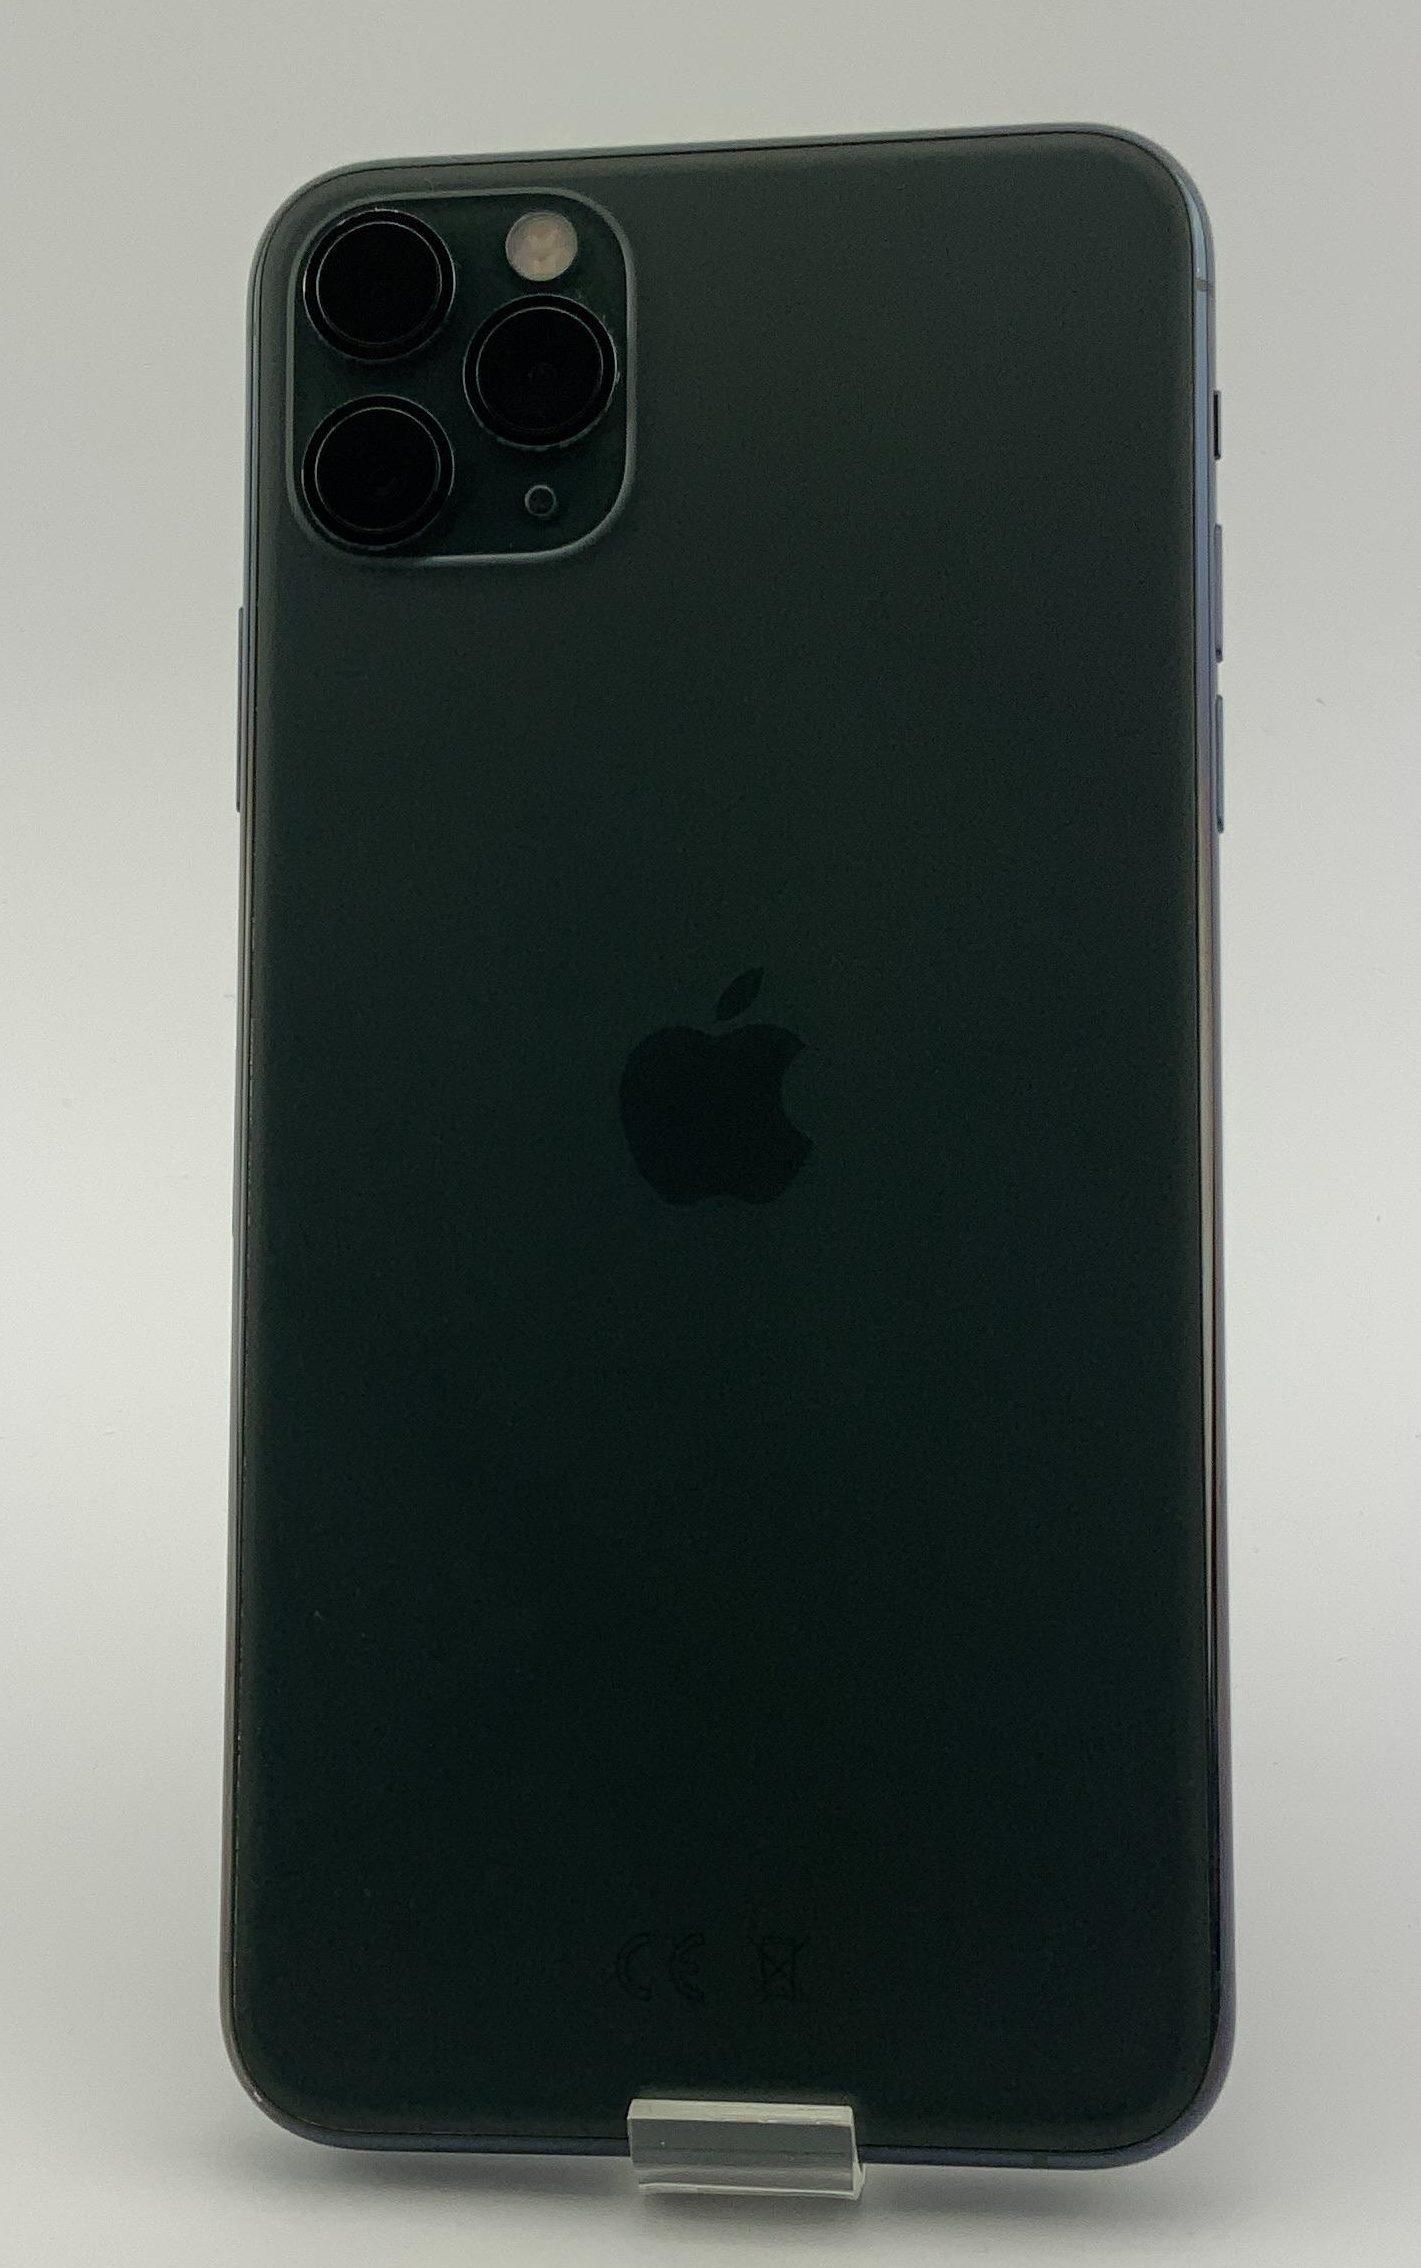 iPhone 11 Pro Max 64GB, 64GB, Midnight Green, bild 2